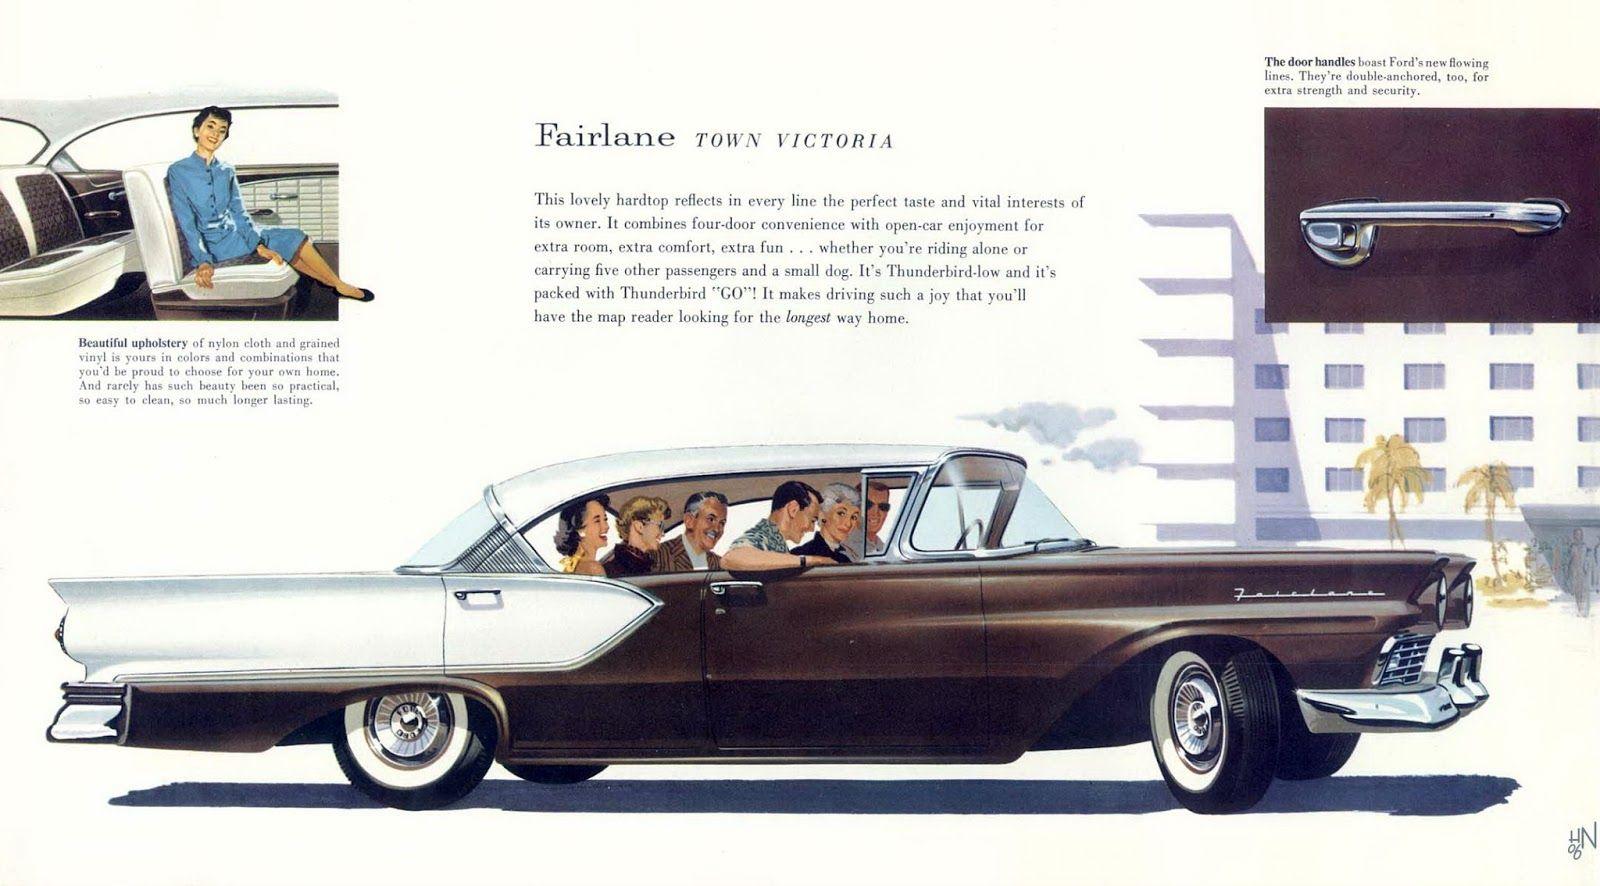 1957 Ford Fairlane Town Victoria Jpg 1600 886 Ford Fairlane Fairlane Car Ads